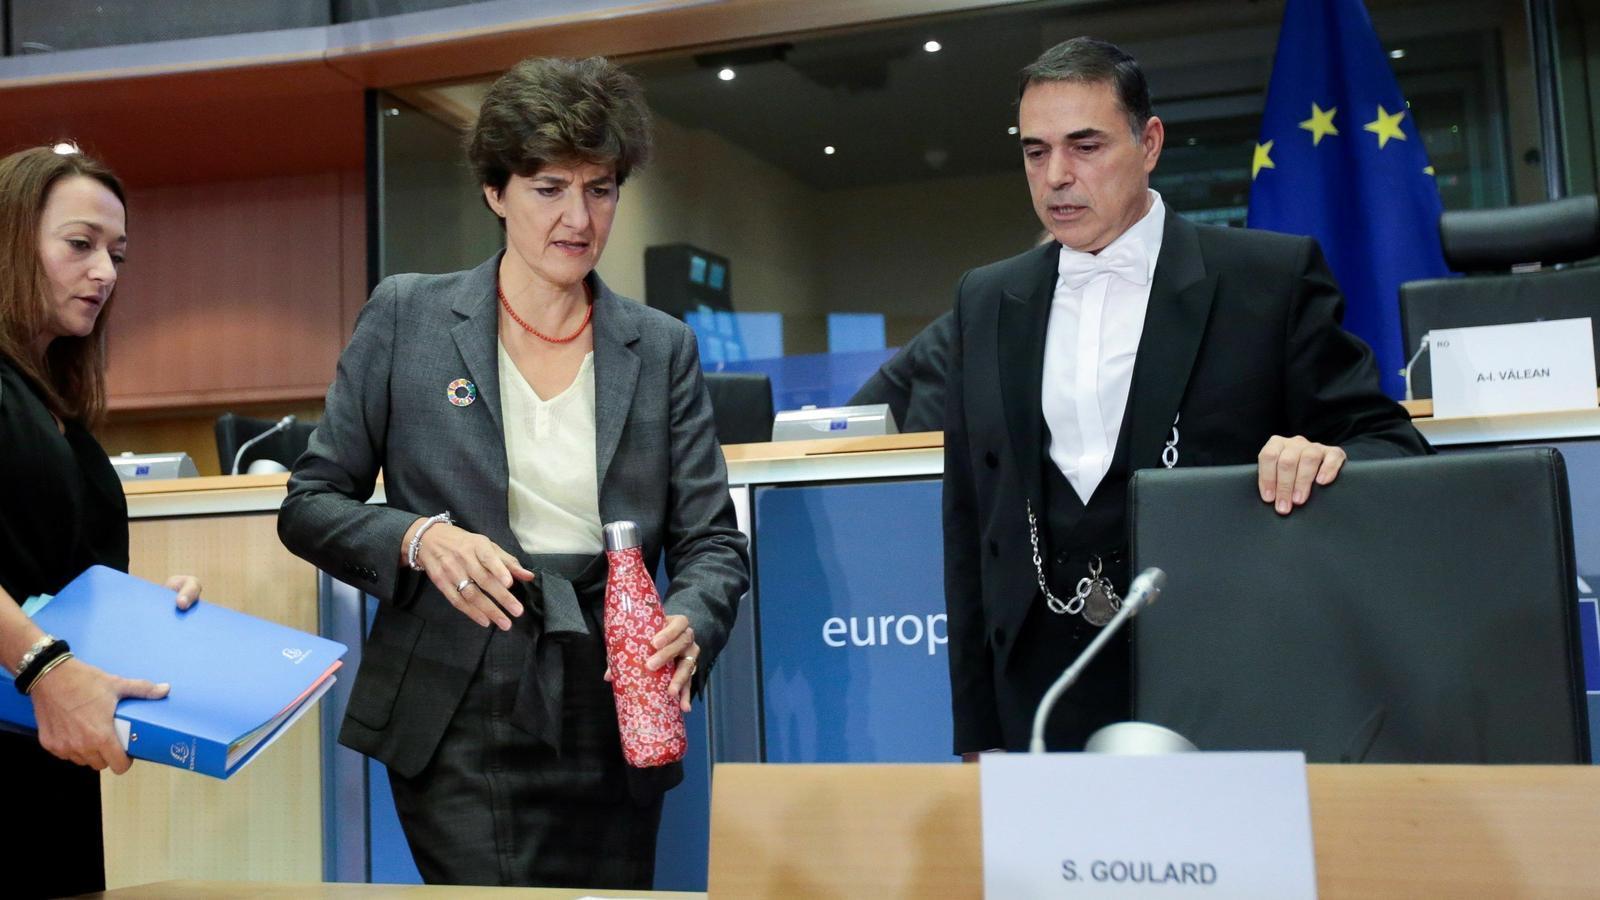 Revés a Macron: l'Eurocambra tomba la seva candidata a comissària